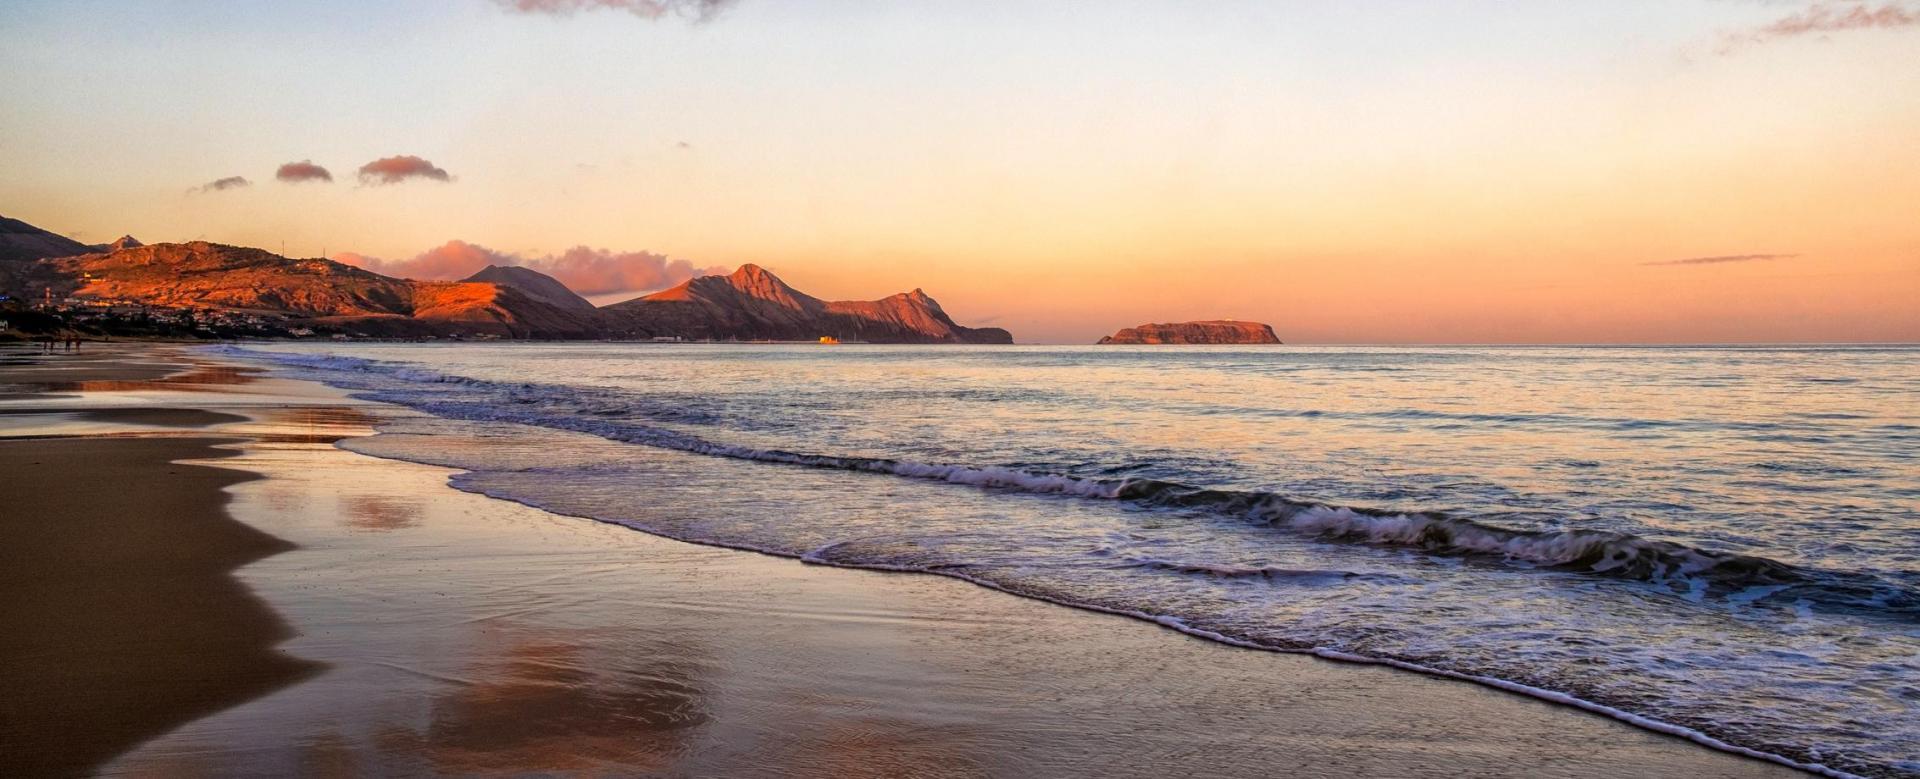 Voyage à pied : Les trésors de madère et de porto santo